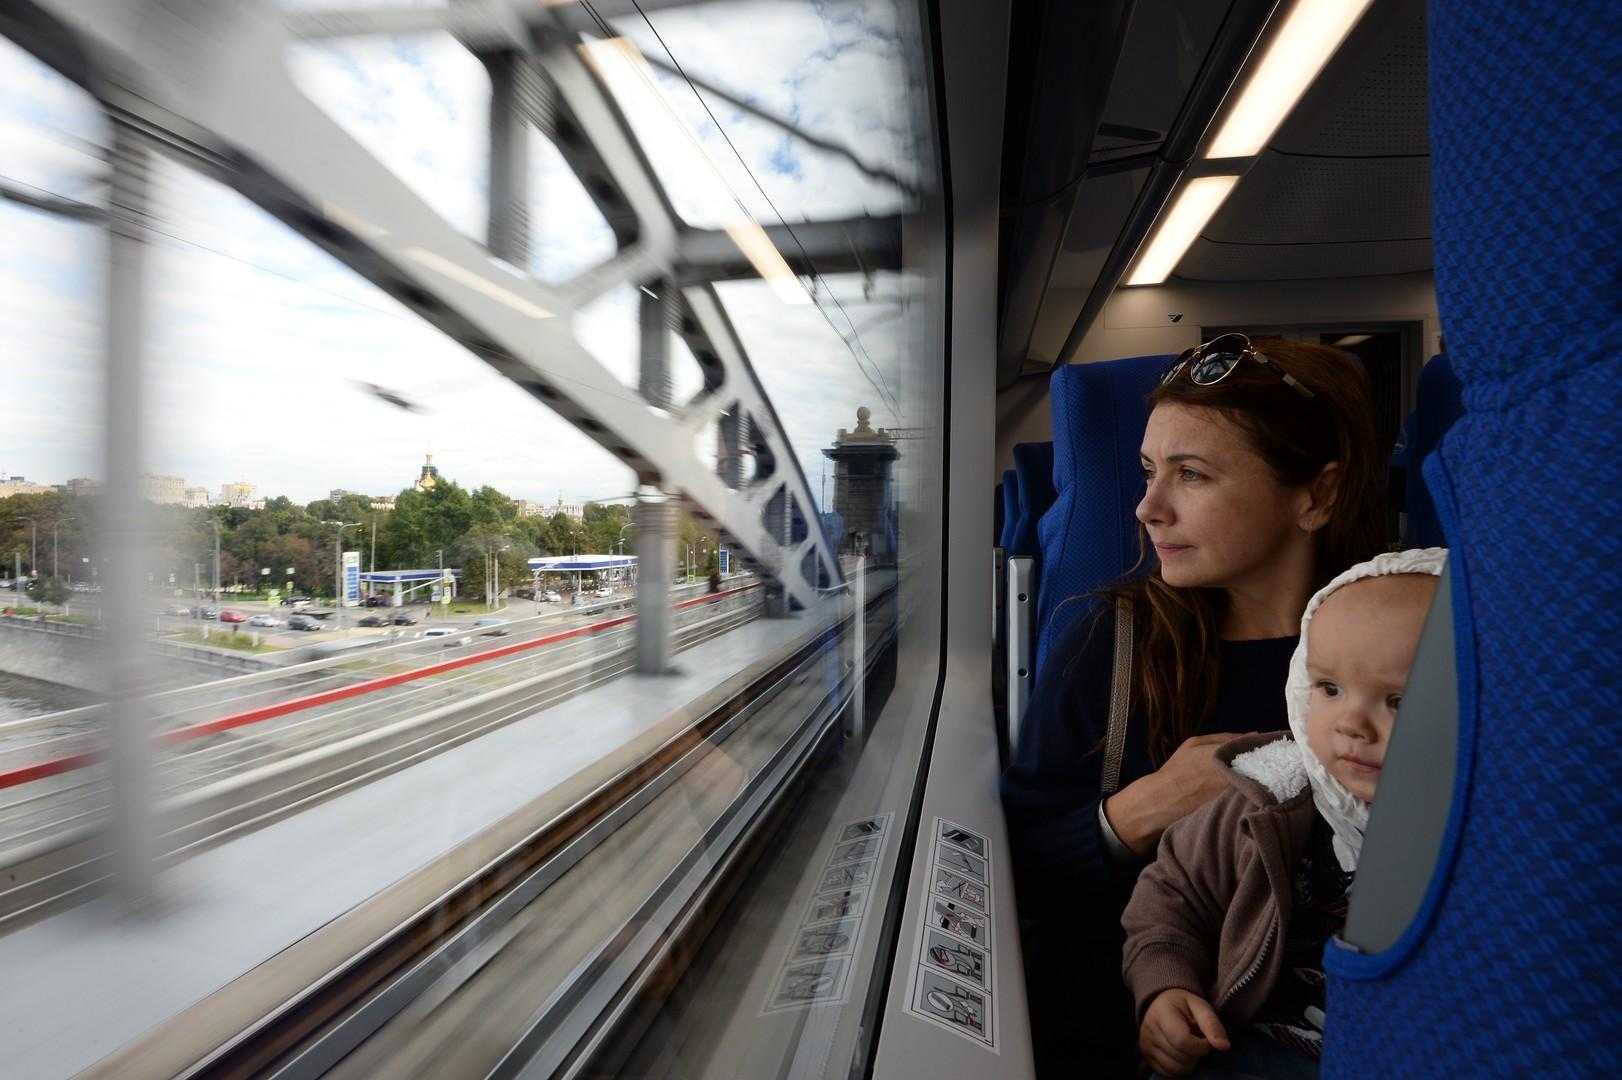 Neue Zügen sind mit Toiletten, Klimaanlagen, Bildschirmen und Stellplätzen für Kinderwagen ausgestattet. Jeder soll es in der neuen Ringbahn bequem haben!